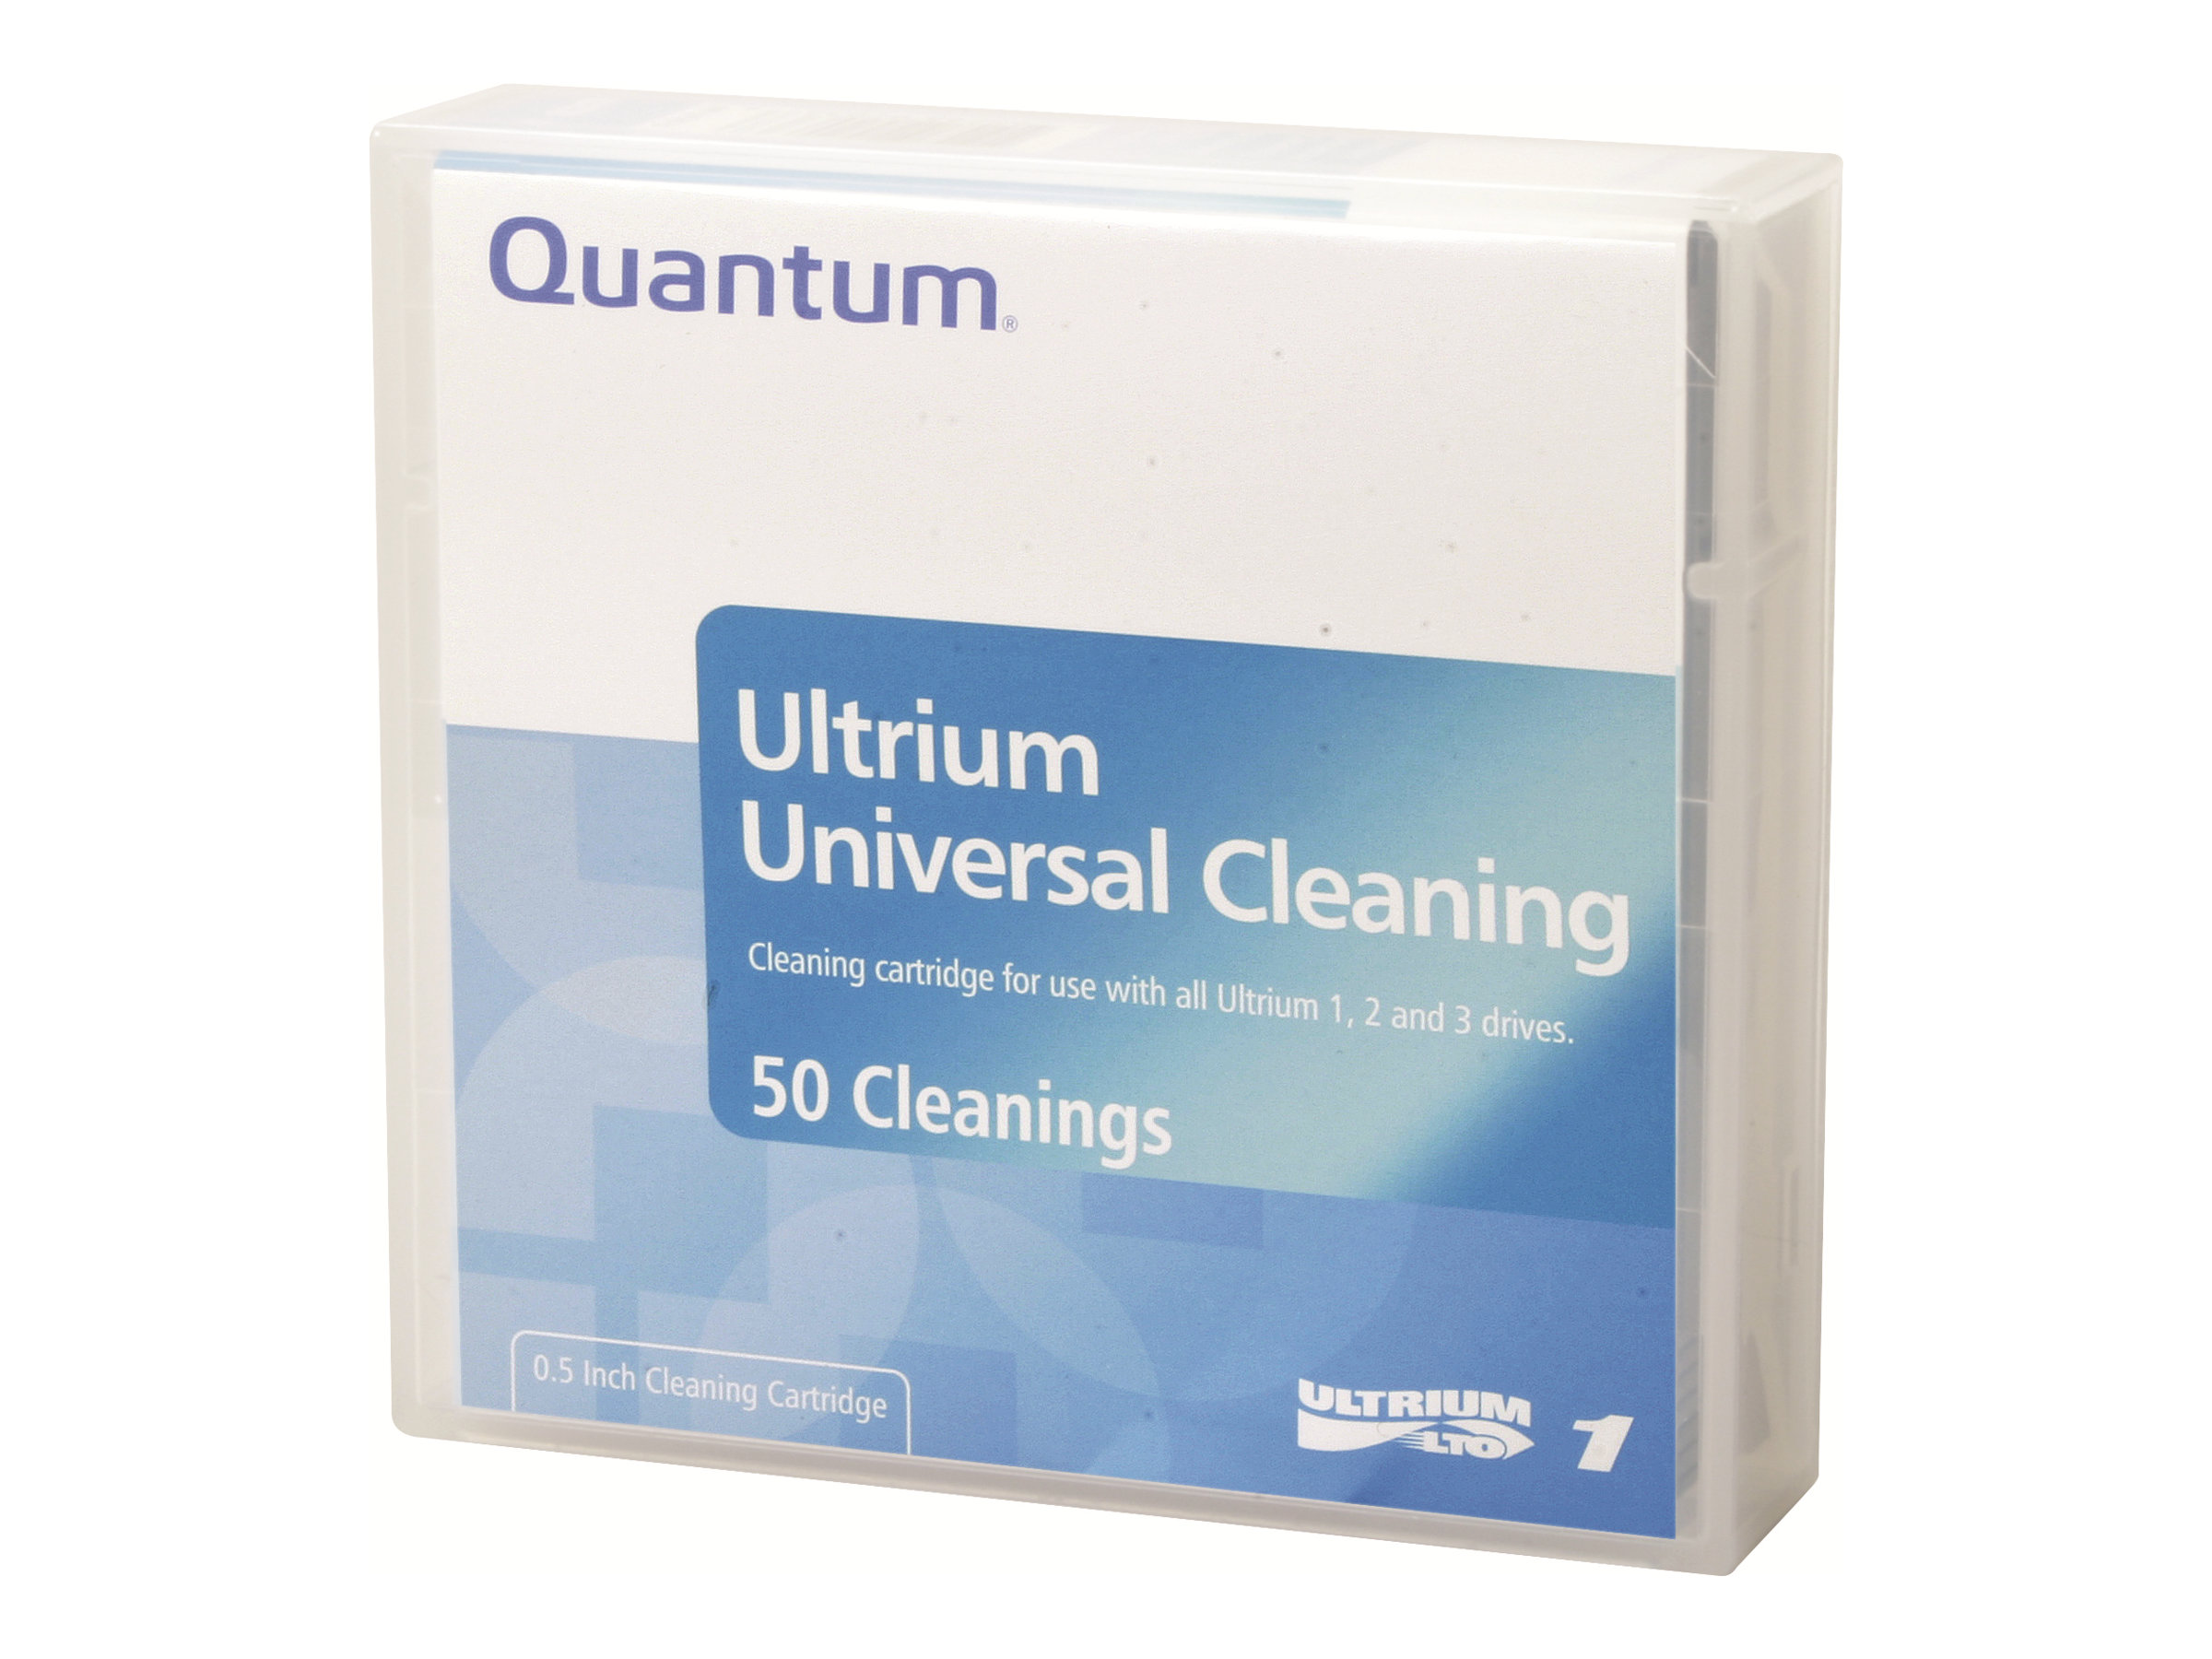 Quantum LTO Ultrium - Reinigungskassette - für Certance CL 400H, CL 800